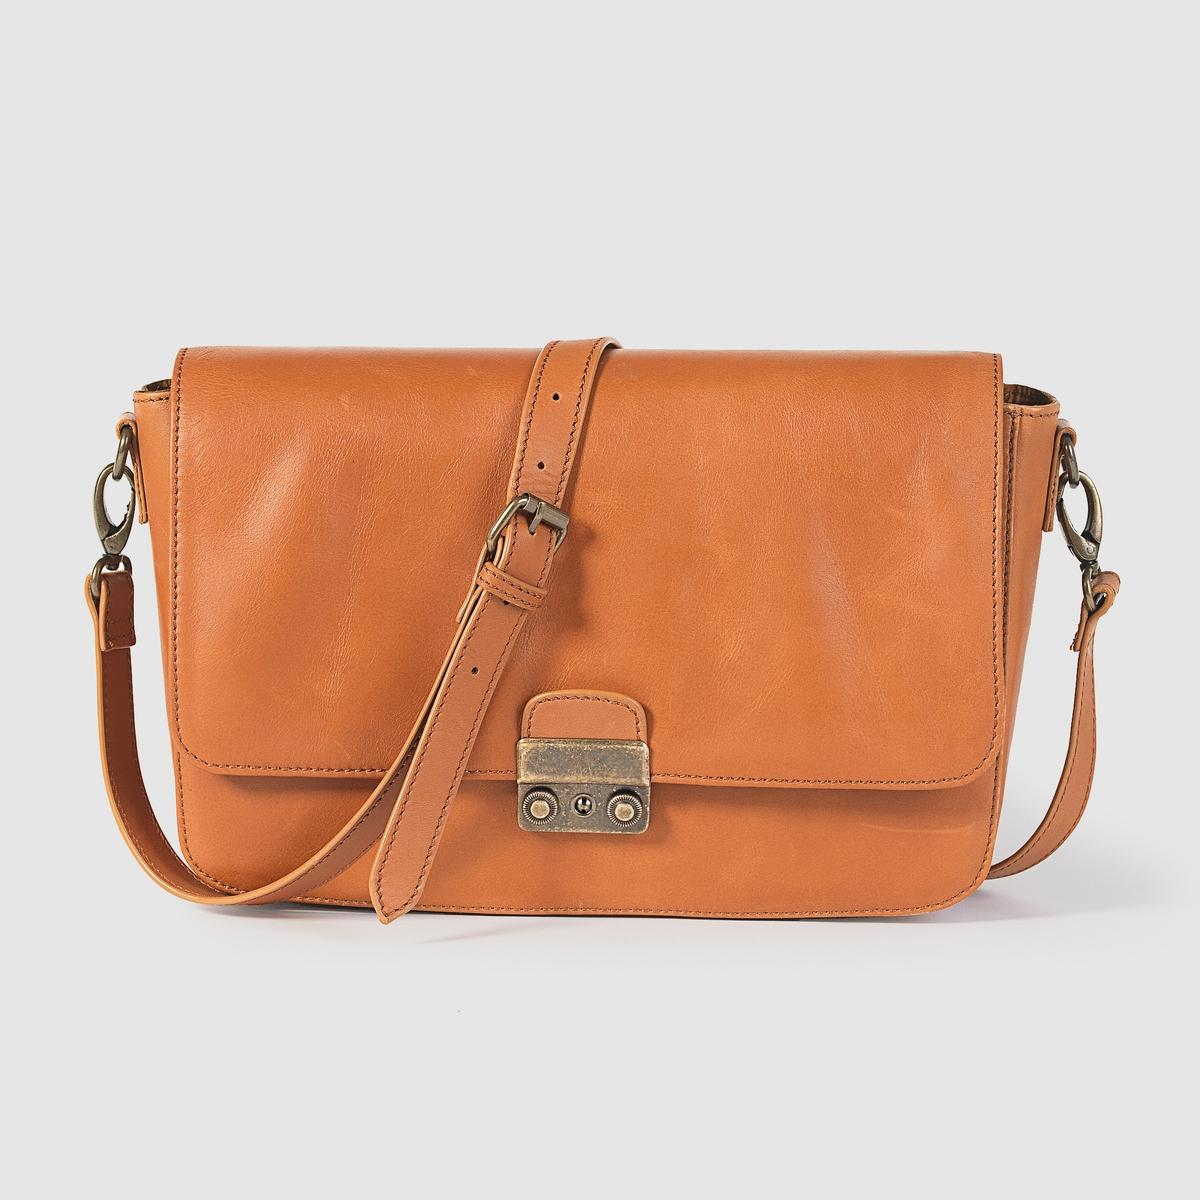 Сумка кожанаяПреимущества : сумка с регулируемым плечевым ремнем. Модная форма и оригинальная застёжка делают эту сумку просто незаменимой.<br><br>Цвет: темно-бежевый